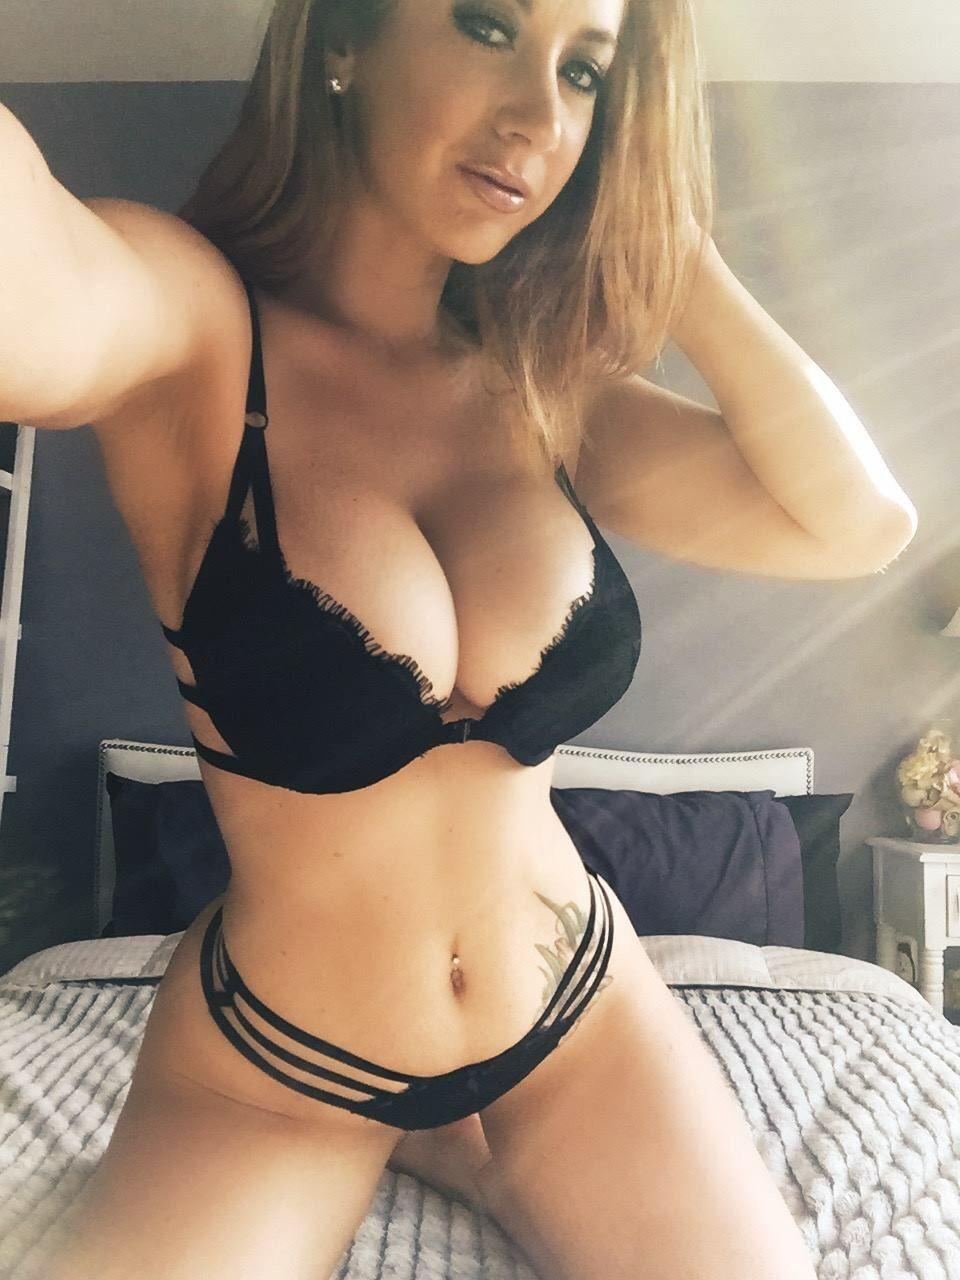 gemini lovell porn videos